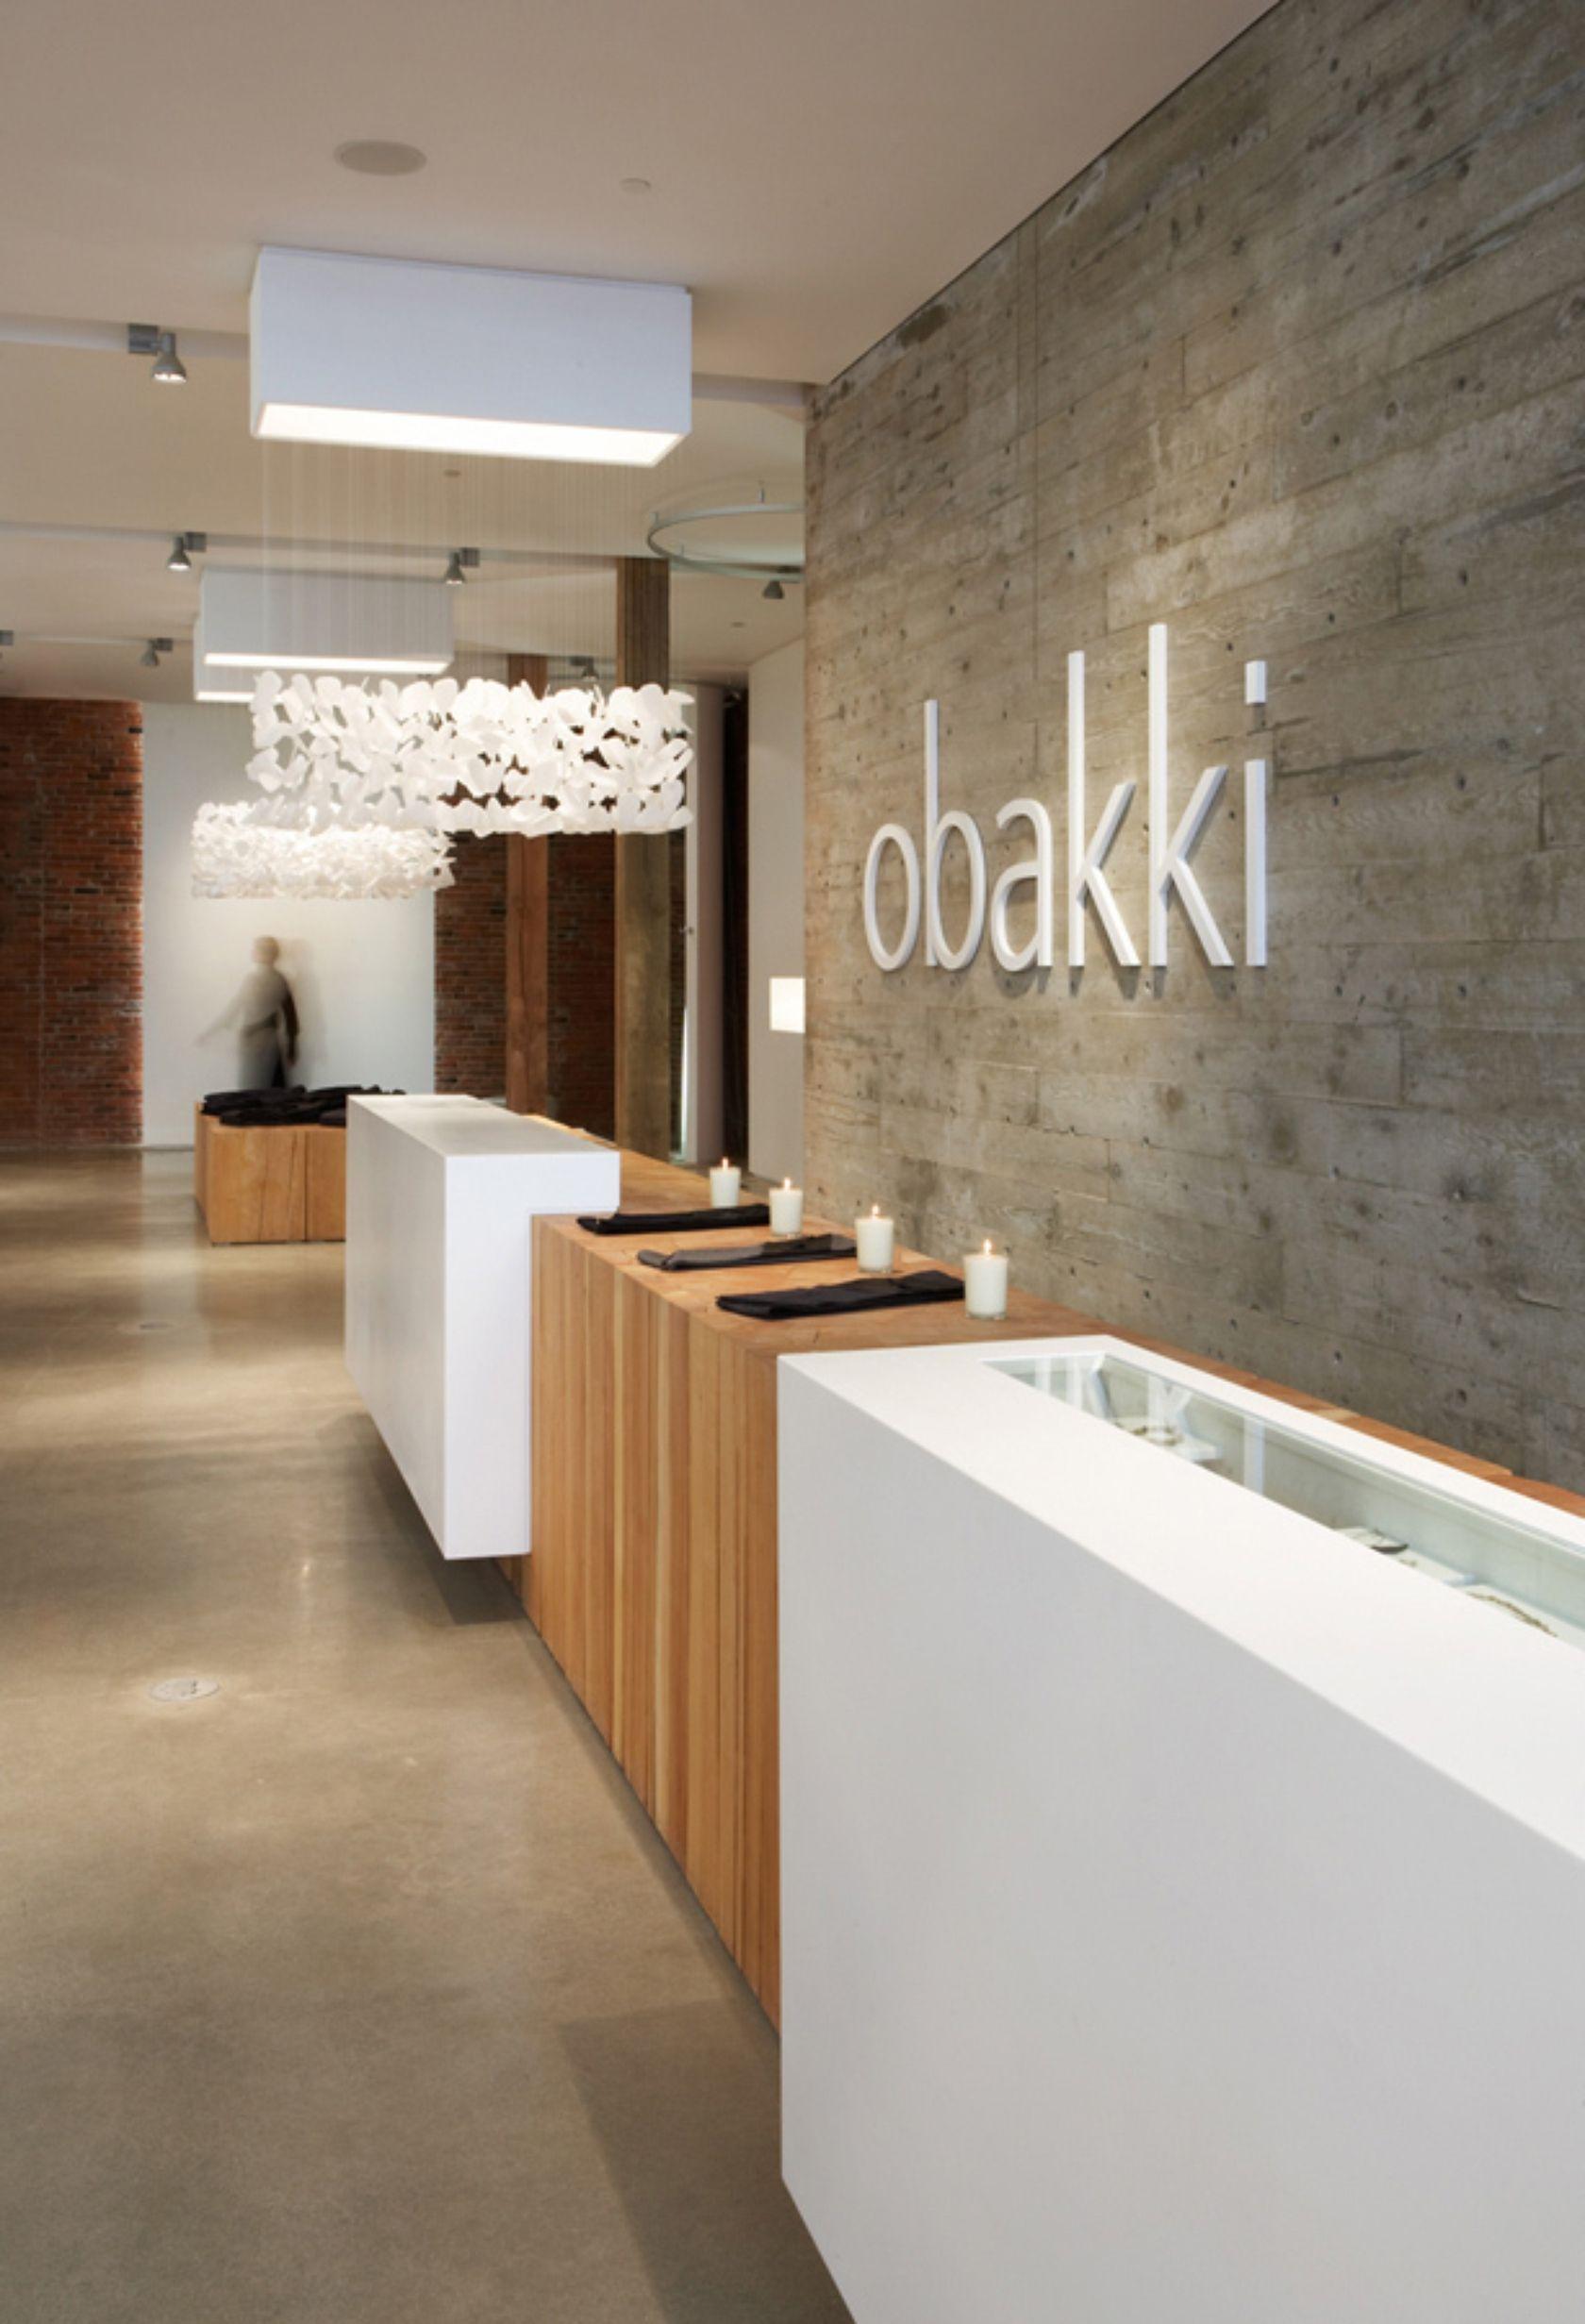 Obakki | ROBERTS | Pinterest | Mostradores, Letreros y Tienda interior